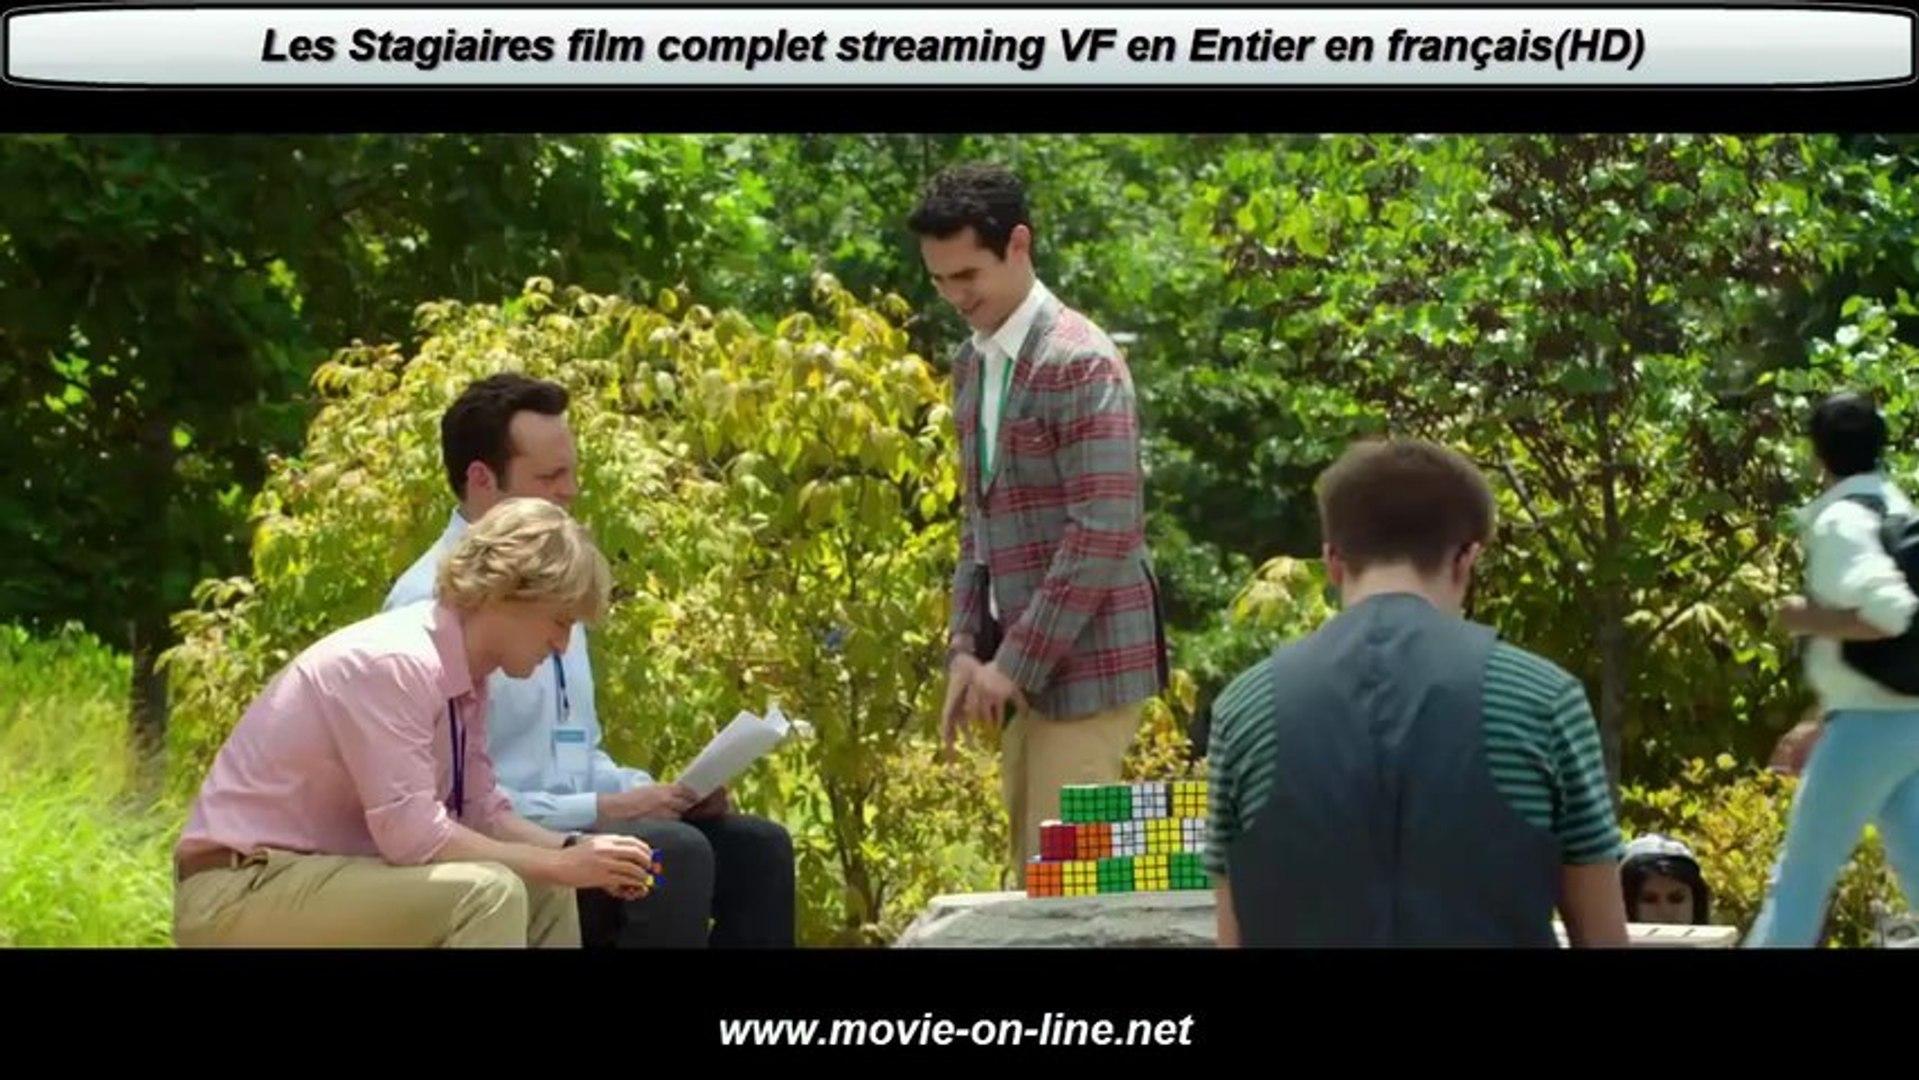 LES VF FILM TÉLÉCHARGER STAGIAIRES